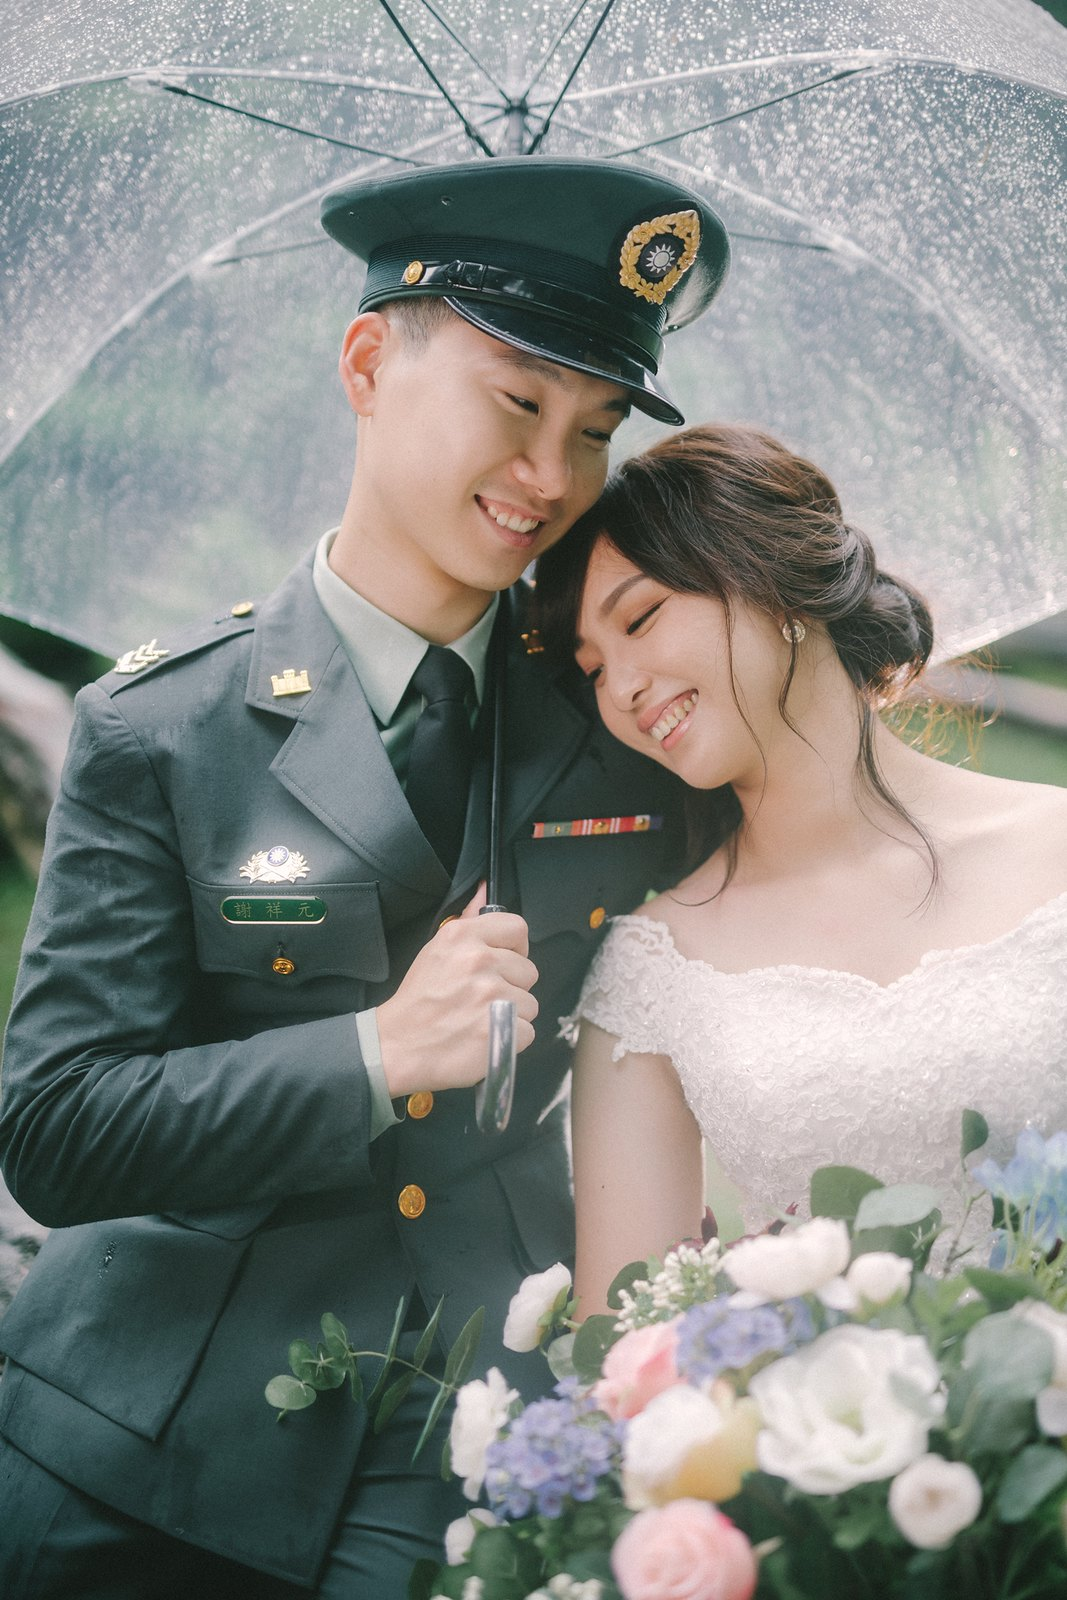 【婚紗】Sean & Rose / 陽明山 / 繡球花 / 軍裝婚紗 / 沙崙